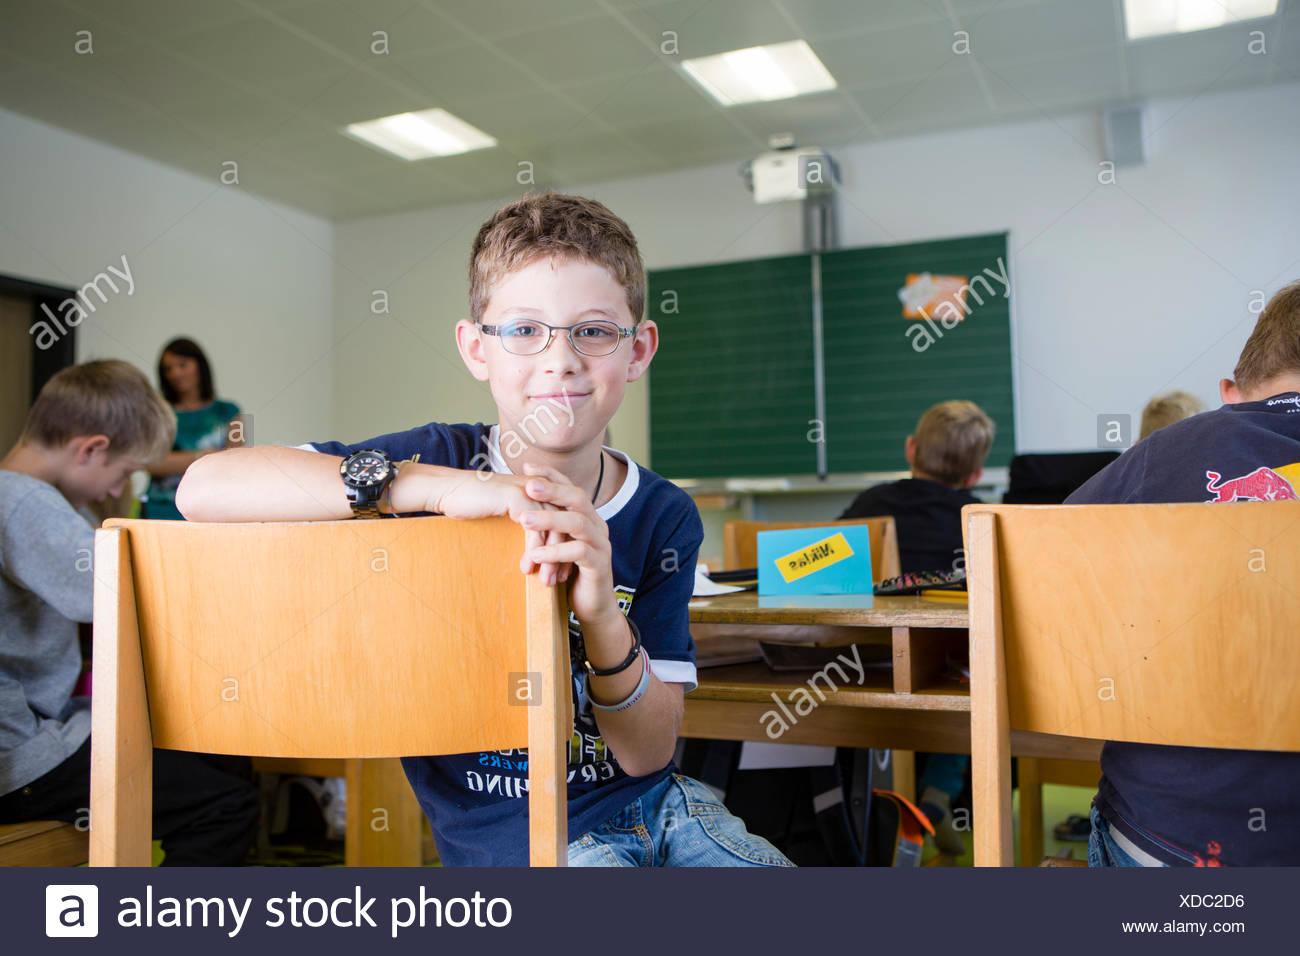 Ragazzo in una scuola elementare a classe, Reith im Alpbachtal, distretto di Kufstein, Tirolo, Austria Immagini Stock